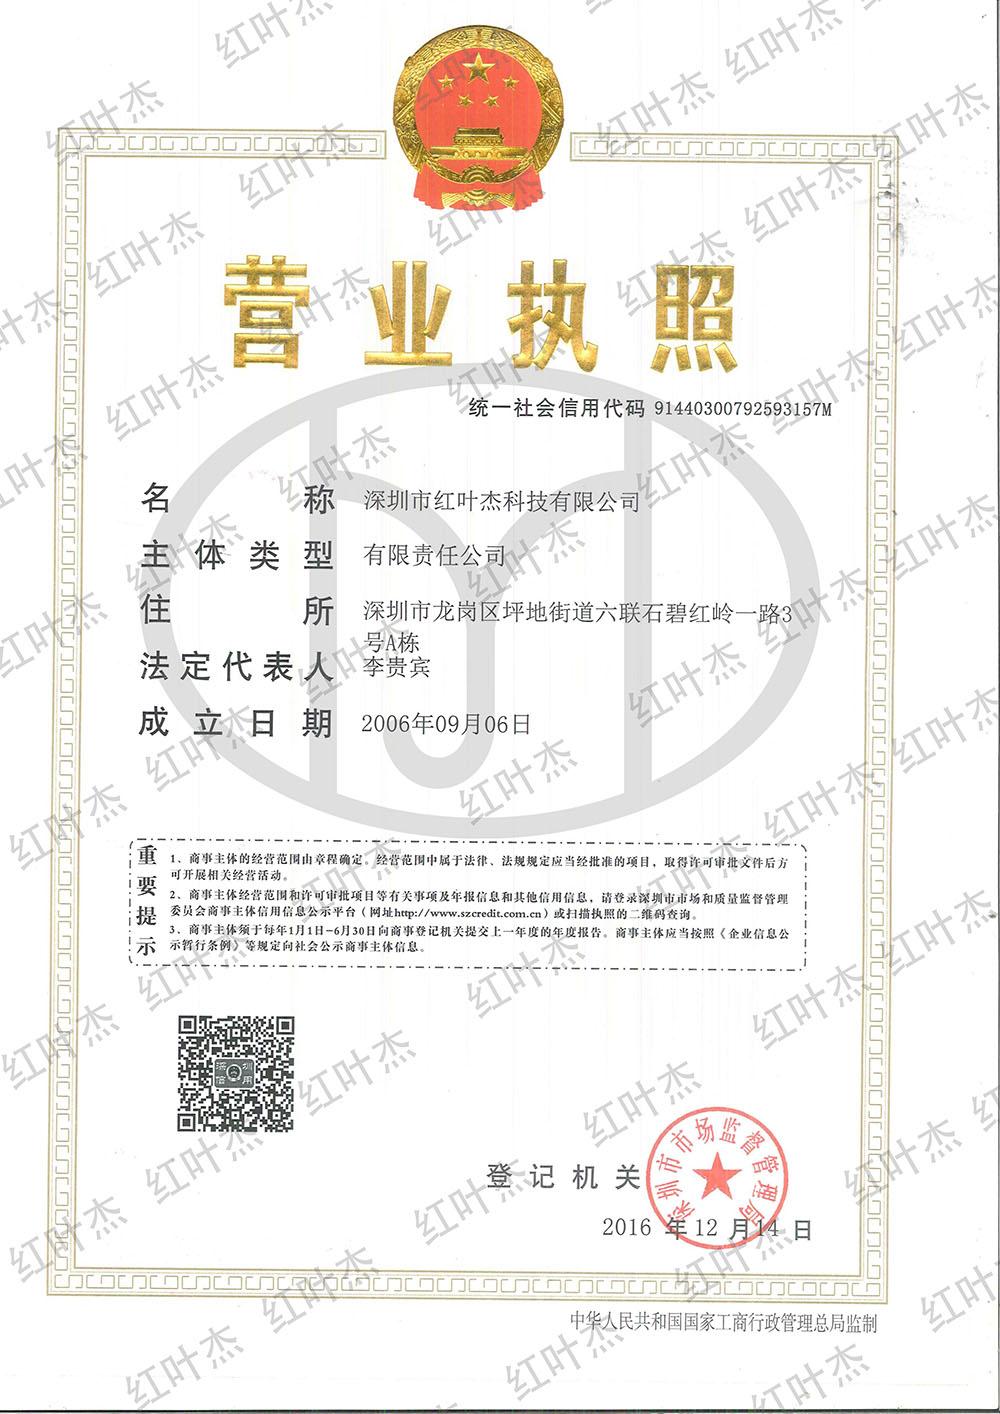 2277946-深圳市红叶杰科技有限公司-执照.jpg